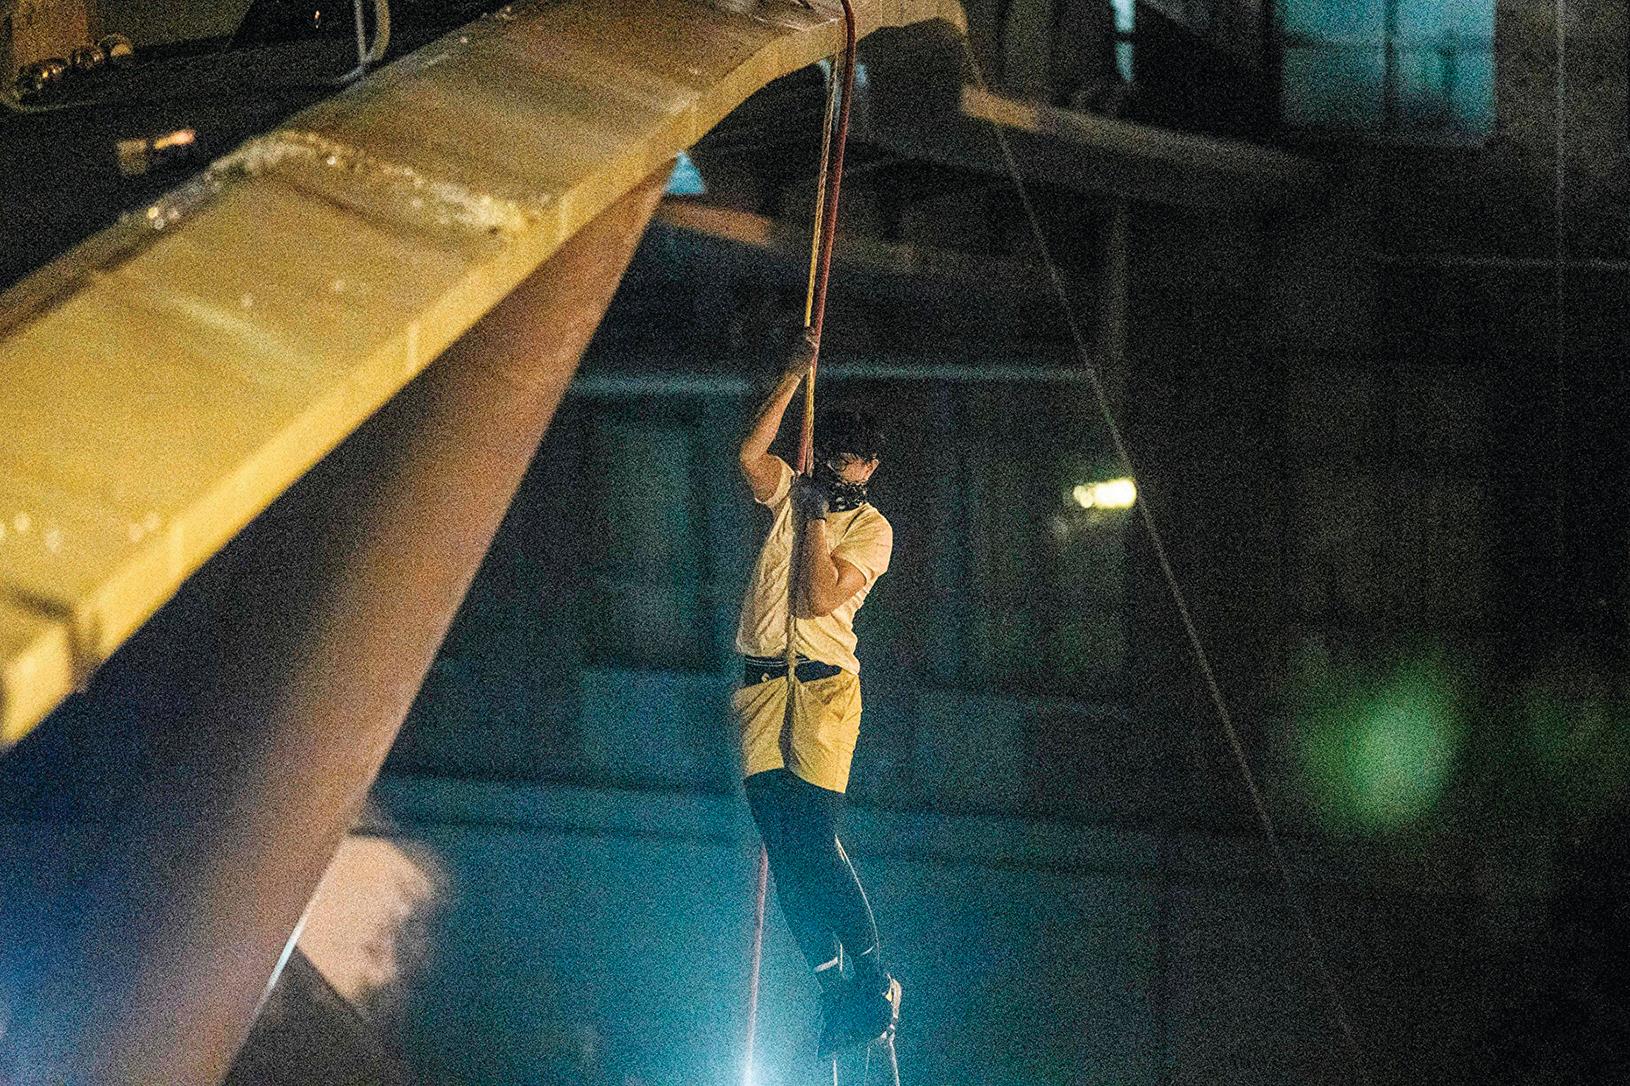 香港理工大的部份抗爭者,靠繩索從人行天橋垂降到公路逃離。(ANTHONY WALLACE/AFP via Getty Images)